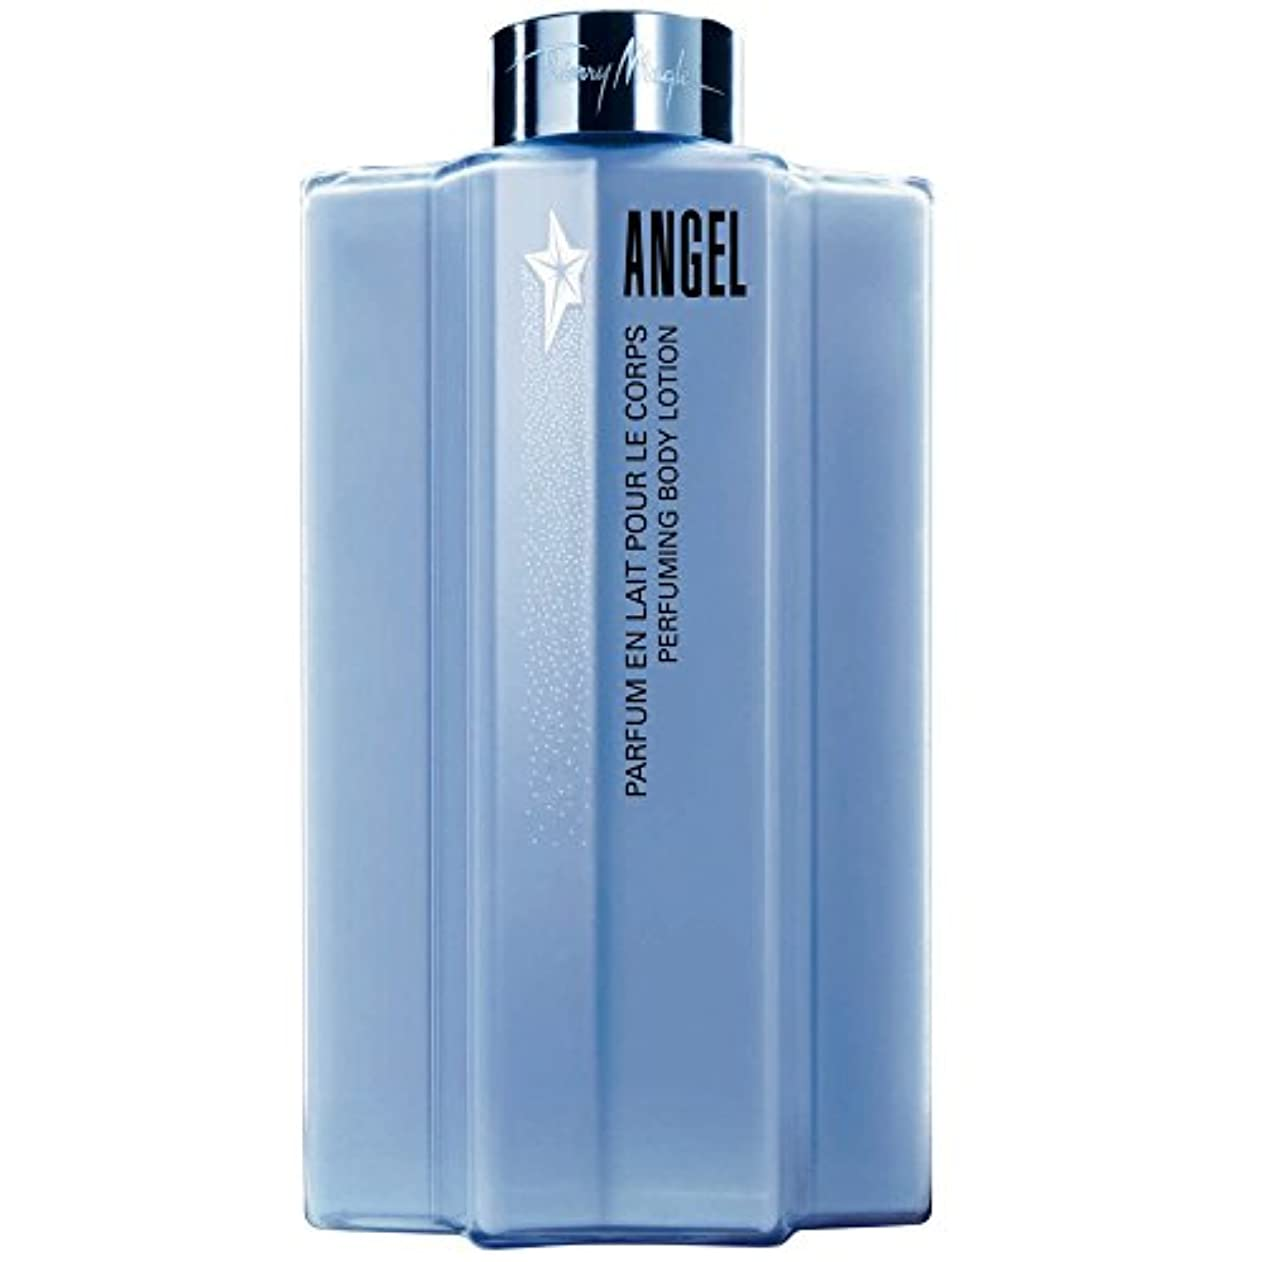 準備損なう束ねるティエリー?ミュグレー天使のボディローション (Thierry Mugler) (x2) - Thierry Mugler Angel Body Lotion (Pack of 2) [並行輸入品]